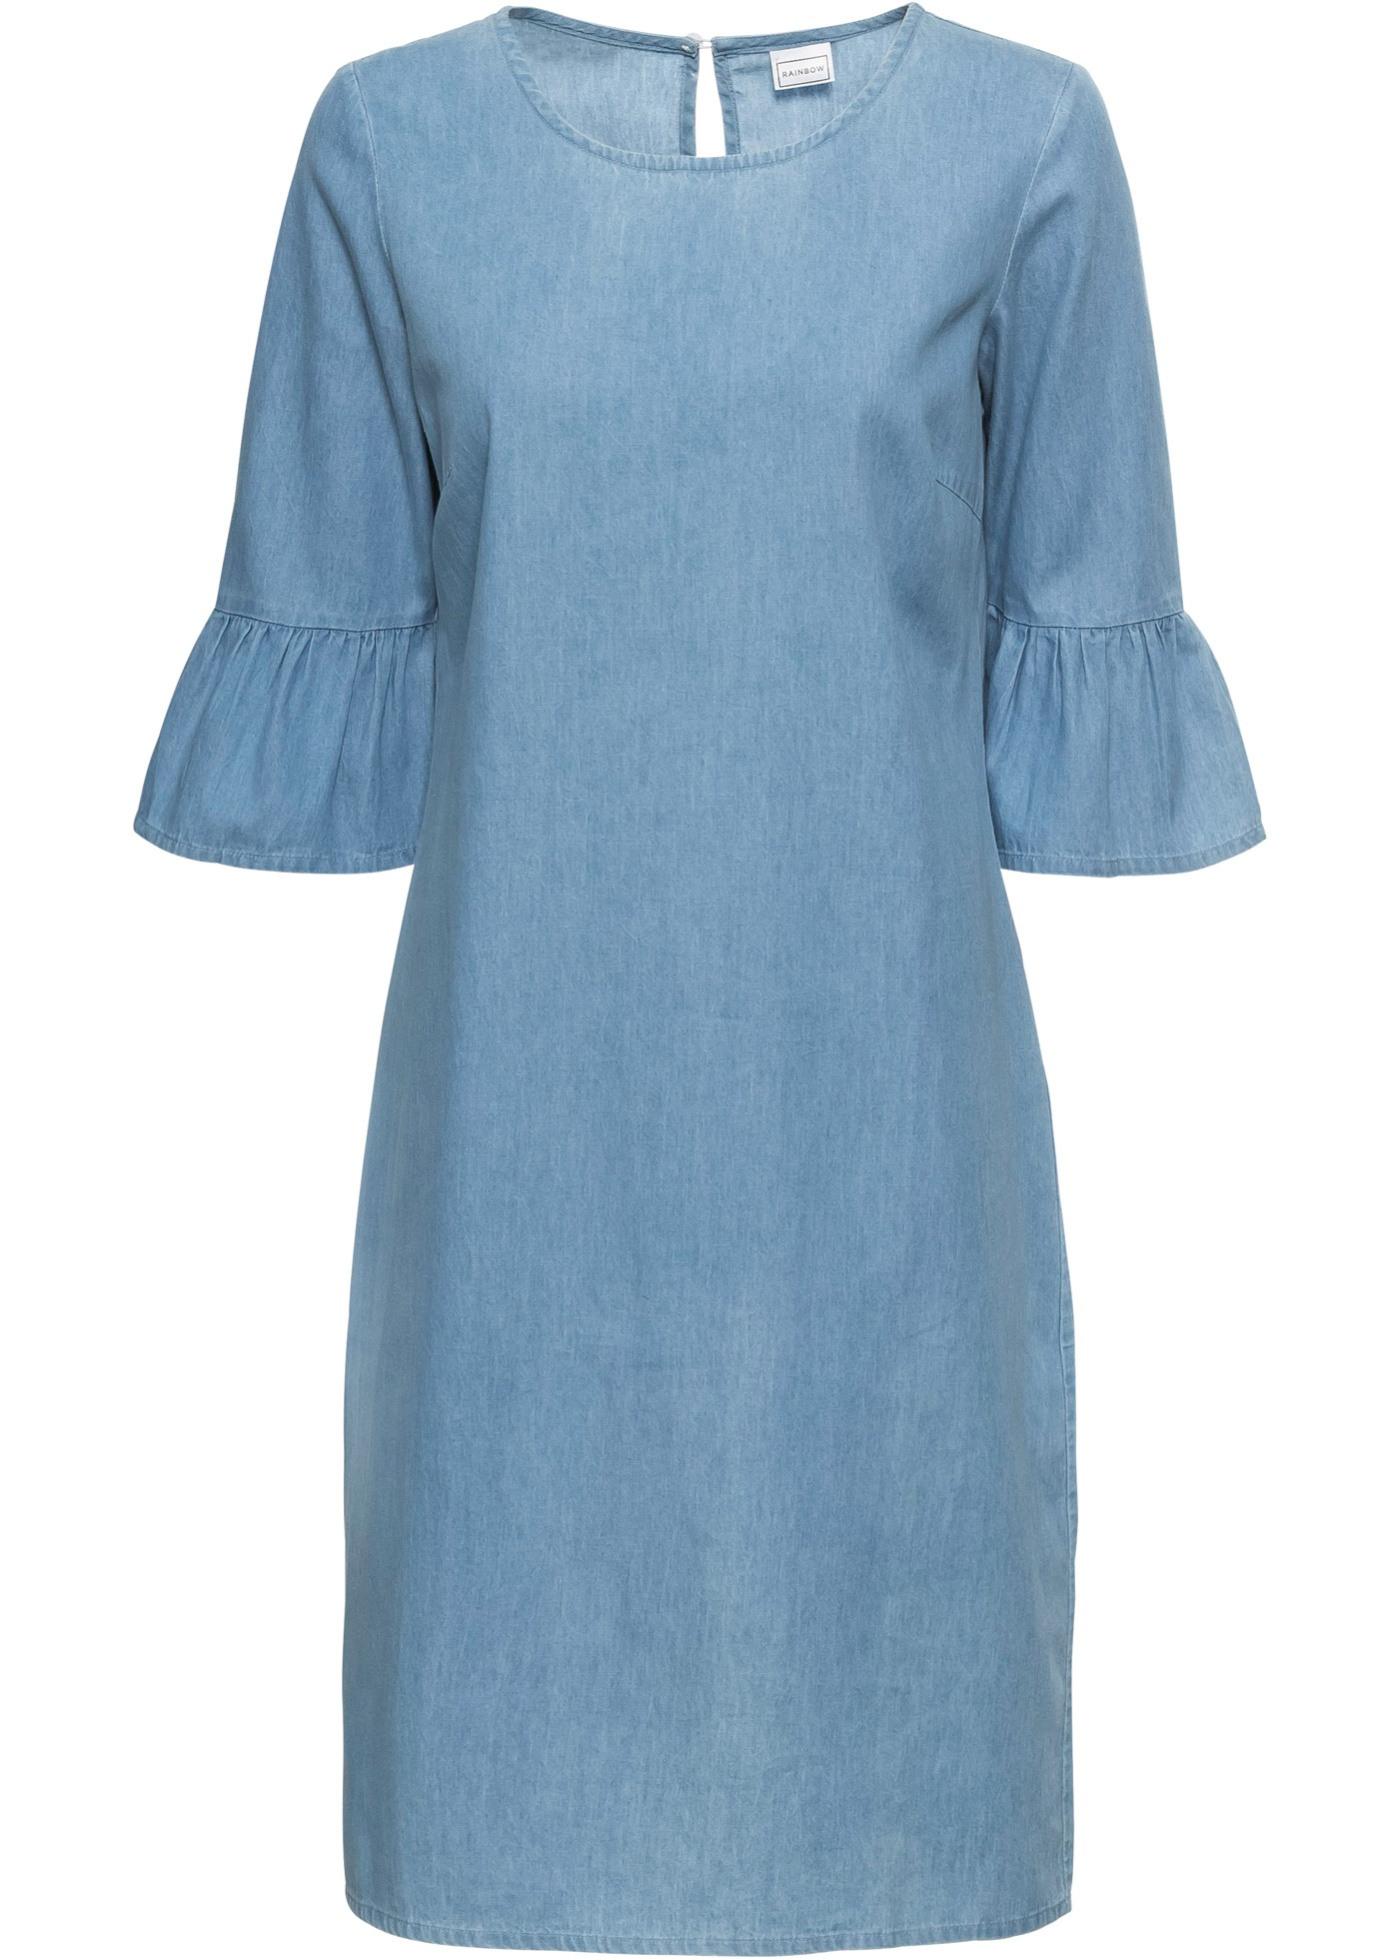 Jeanskleid Blue Bleached  Rainbow Online Kaufen  Bonprixat